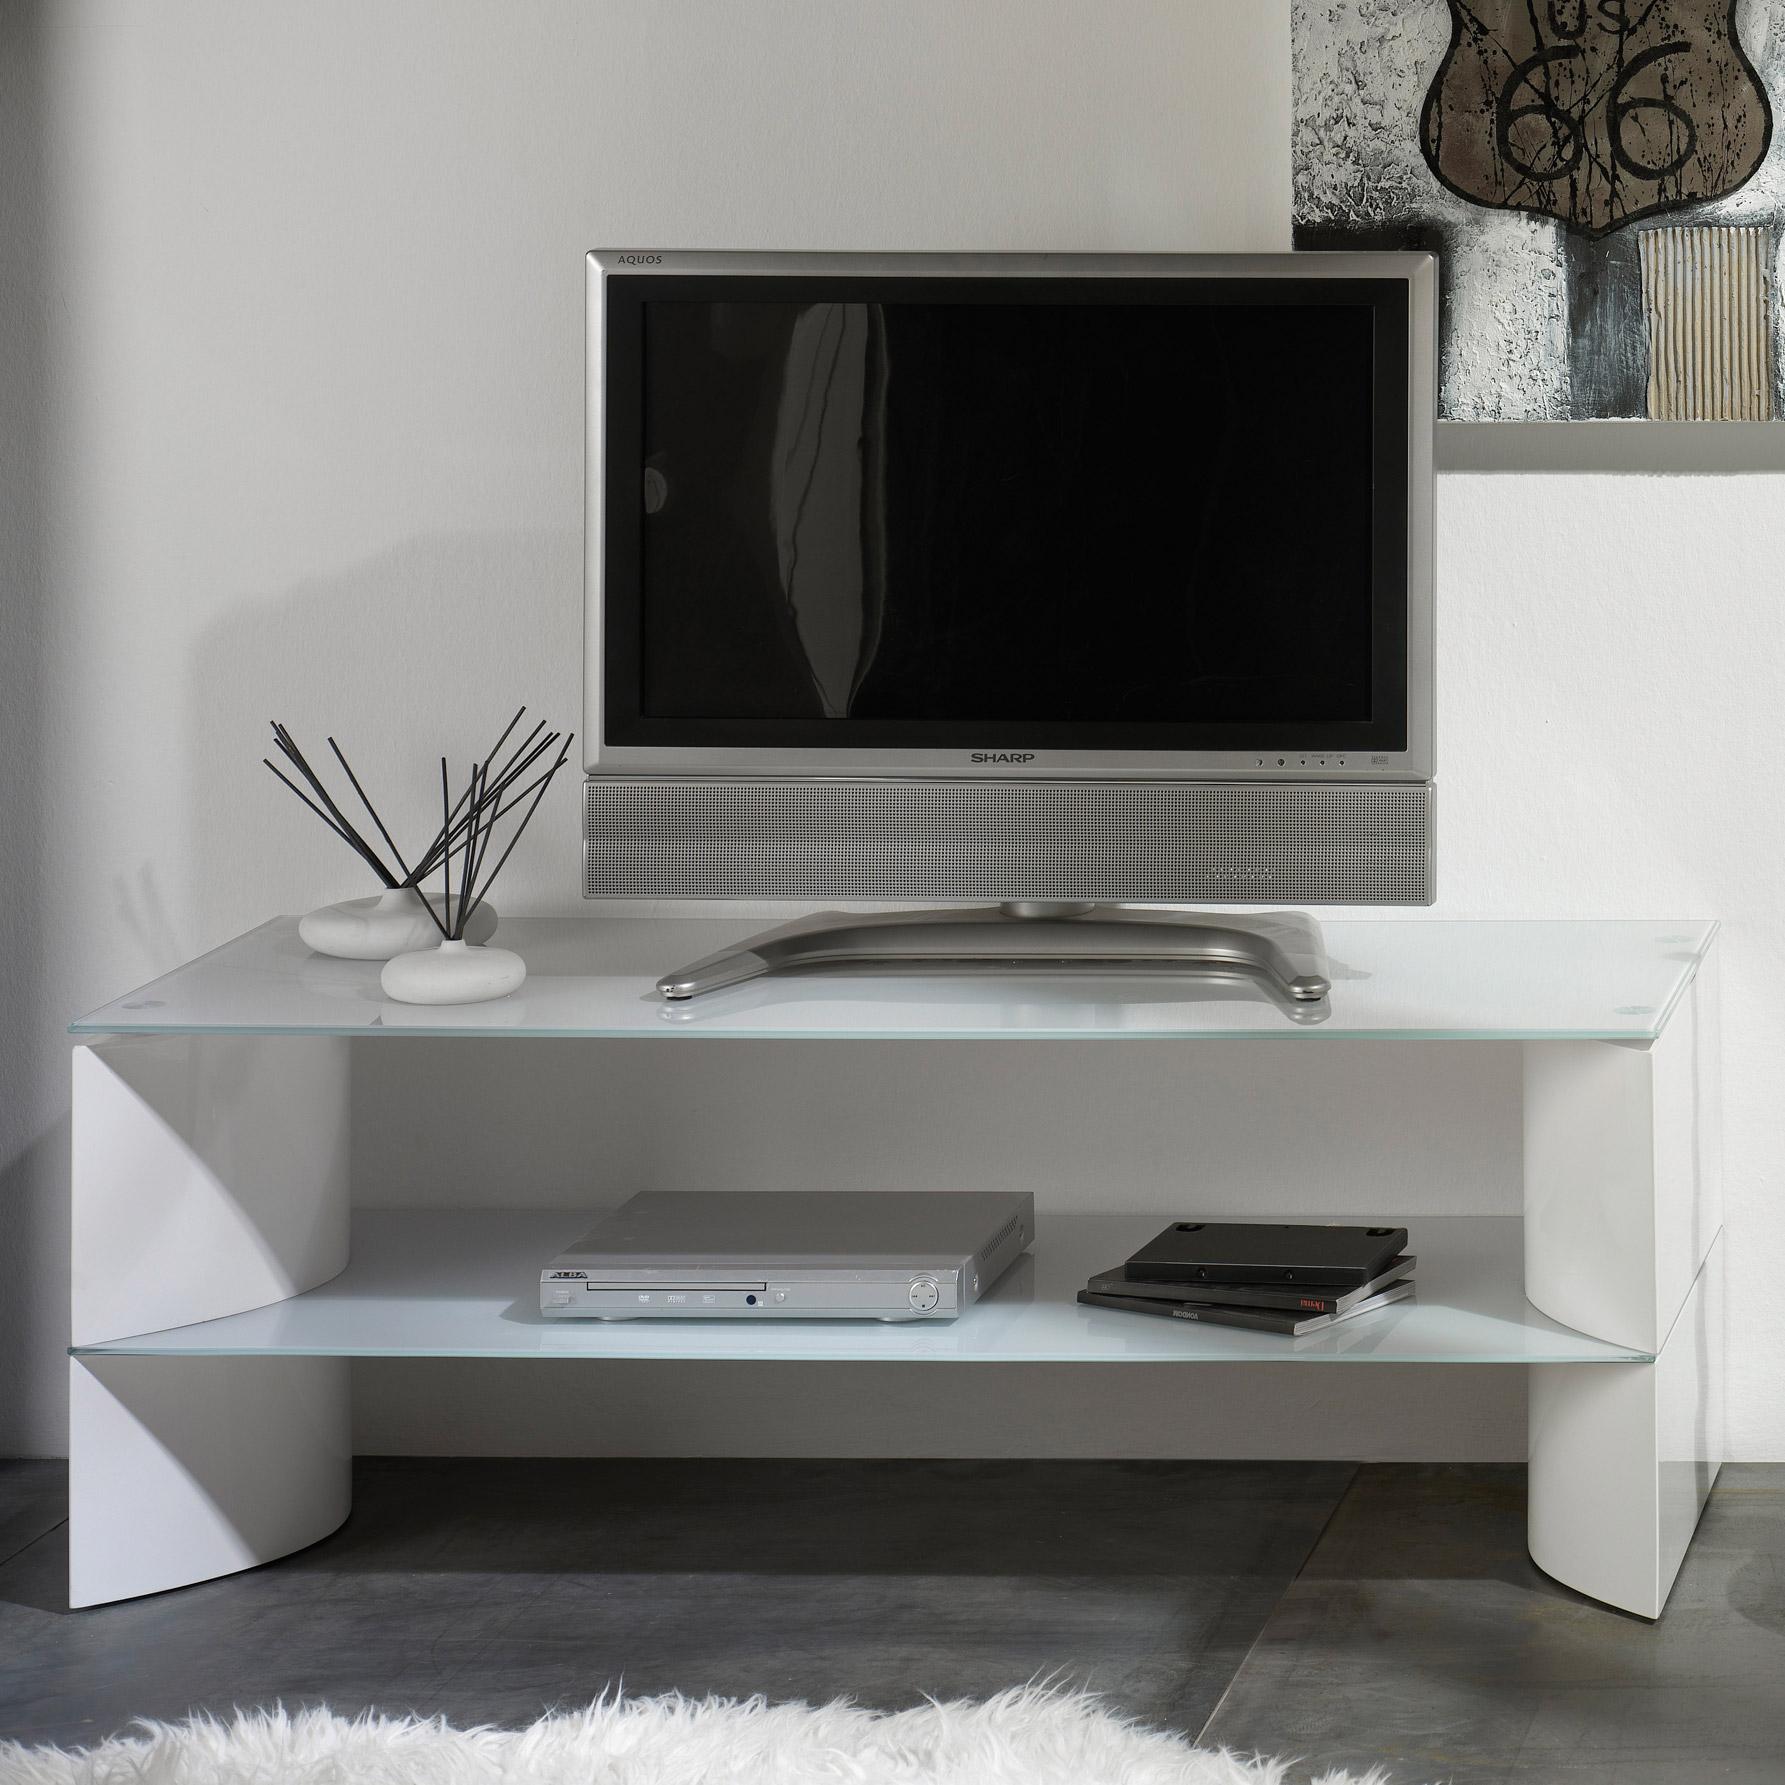 Meuble Tv Blanc Laqu 90 Cm Mobilier Design D Coration D Int Rieur # Meuble Tv Blanc Bois